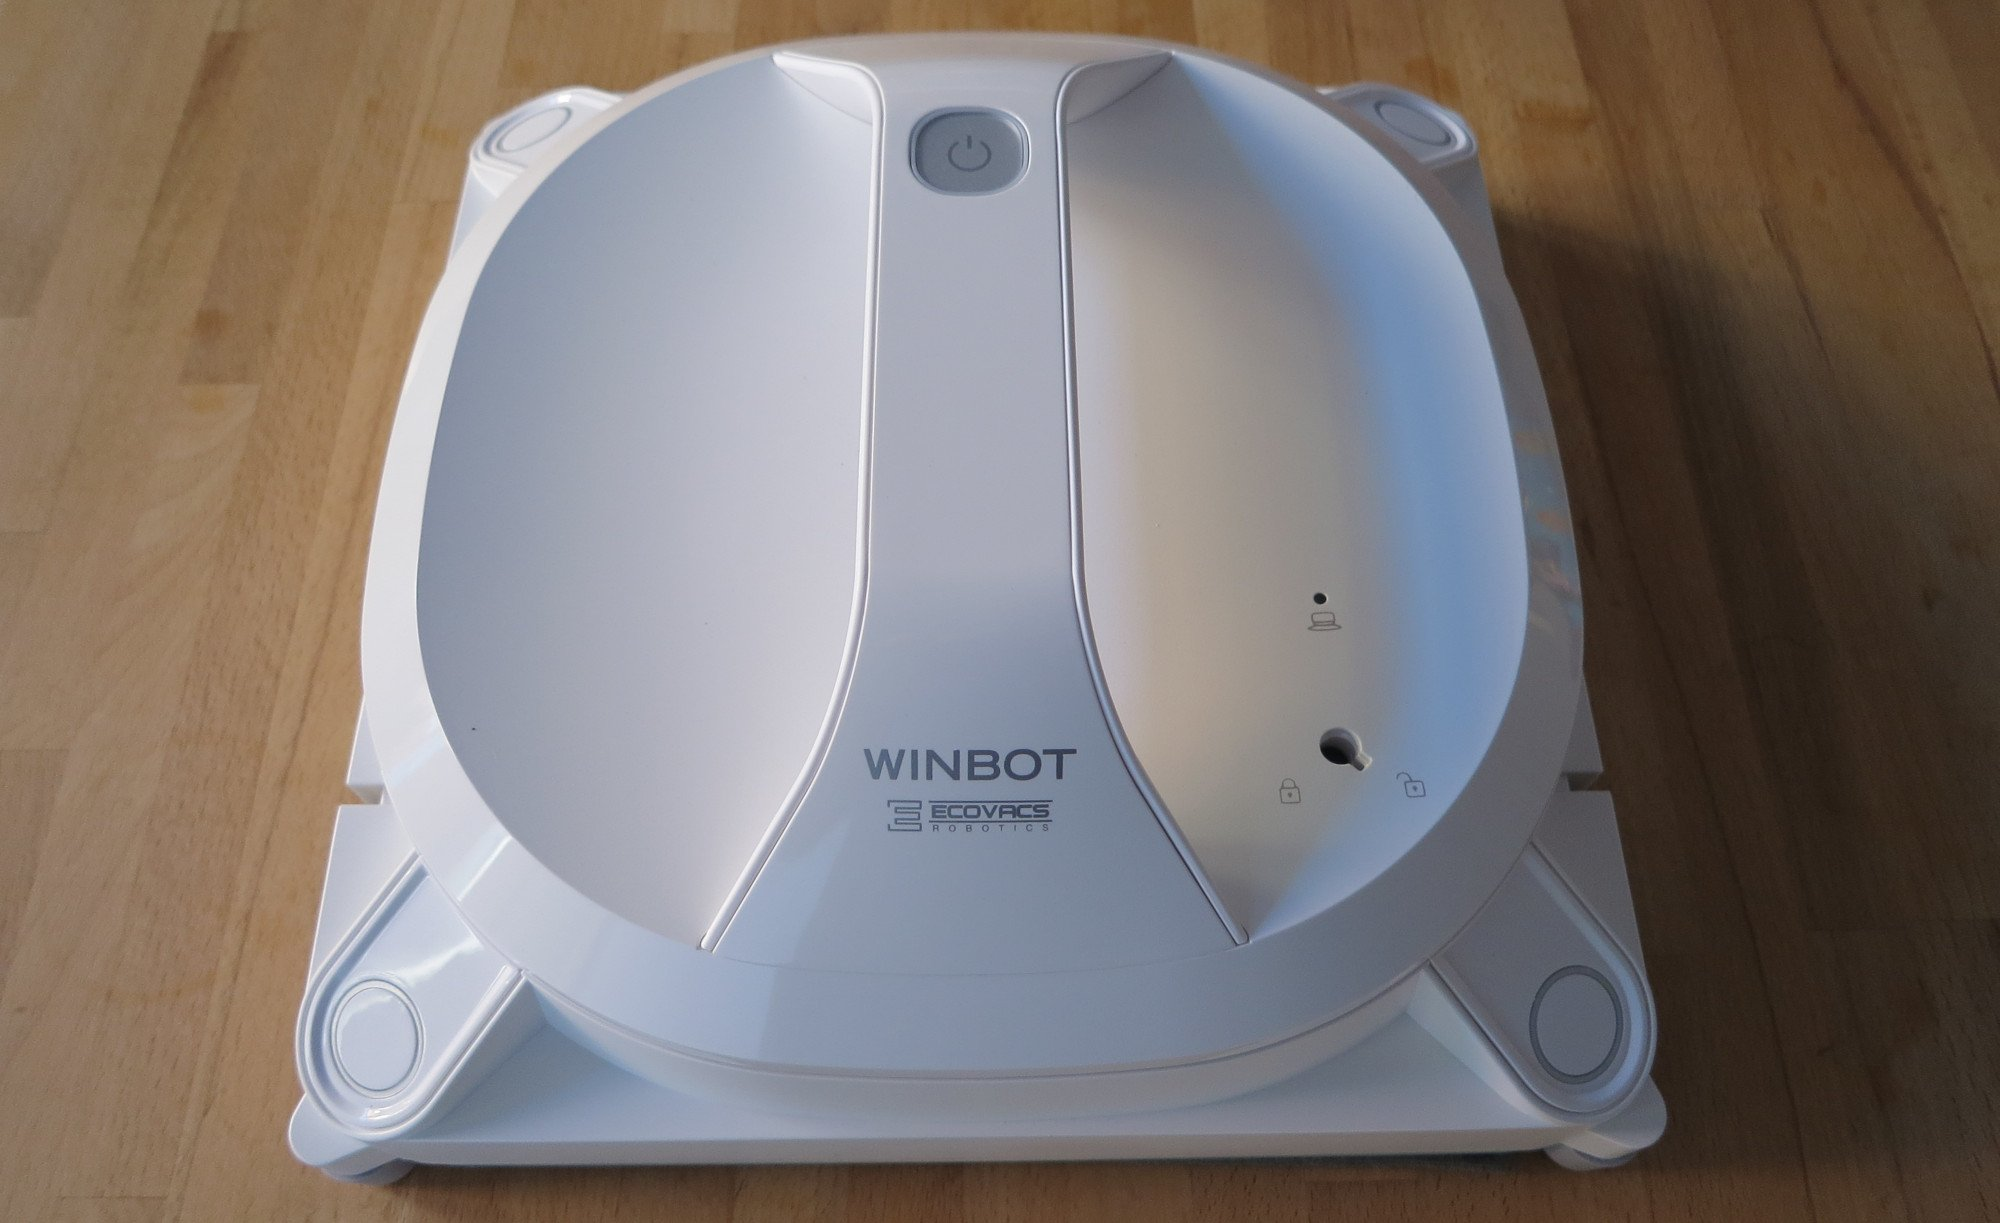 Der Ecovacs Winbot X ist weder klein noch leicht. Dennoch haftet er gut an der Scheibe (Bild: Peter Giesecke)